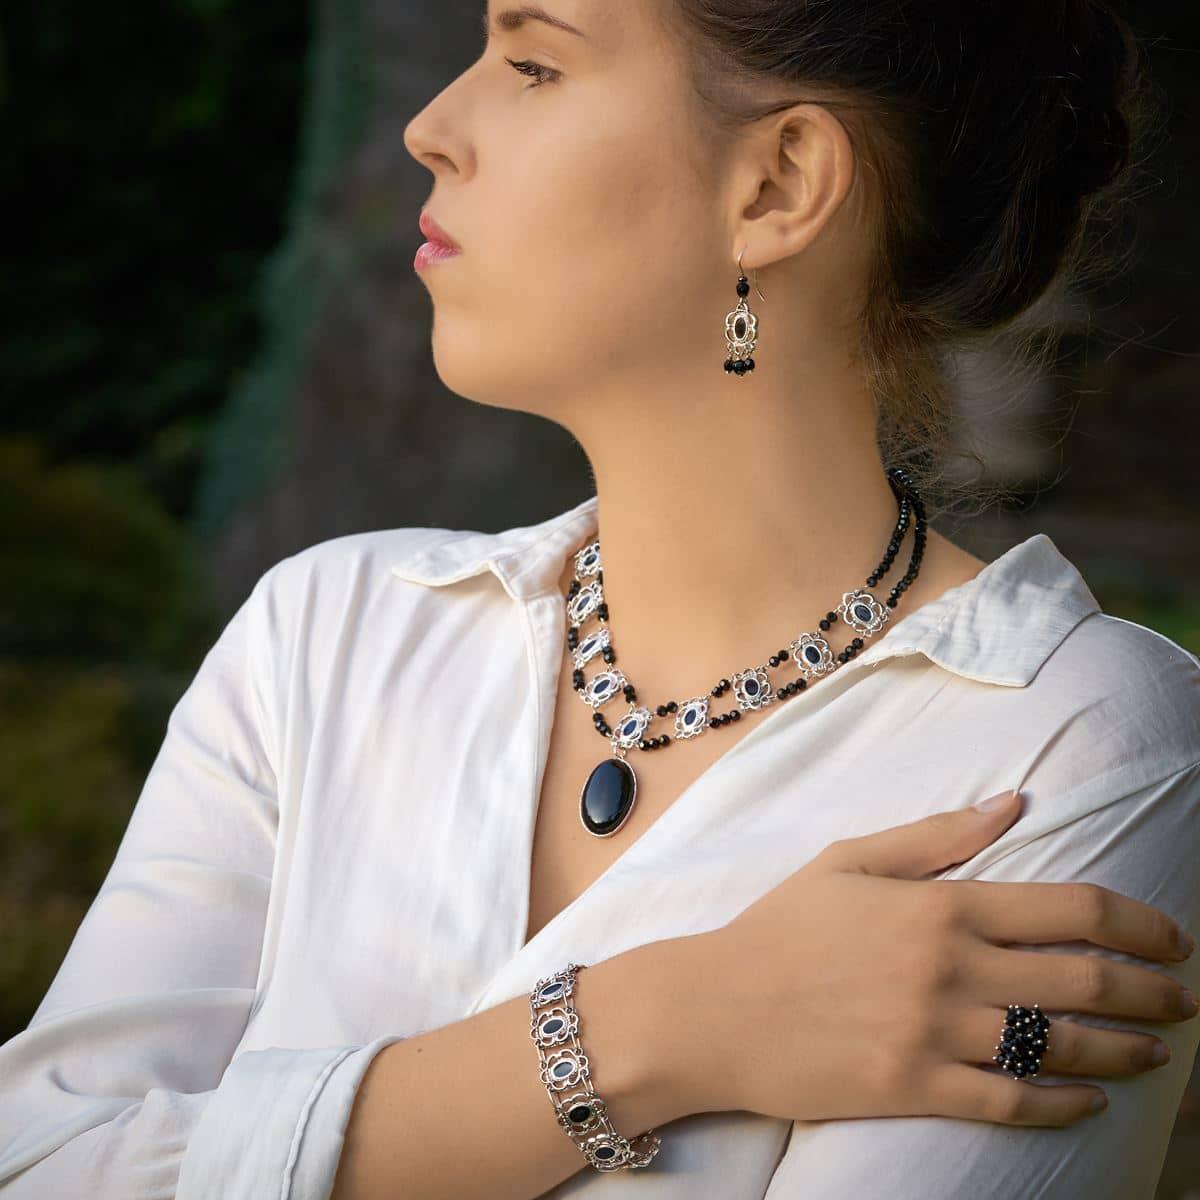 conjunto de diseño modelo Raíña, joyería de diseño en plata con esmalte al fuego y onix, joyas siliva.